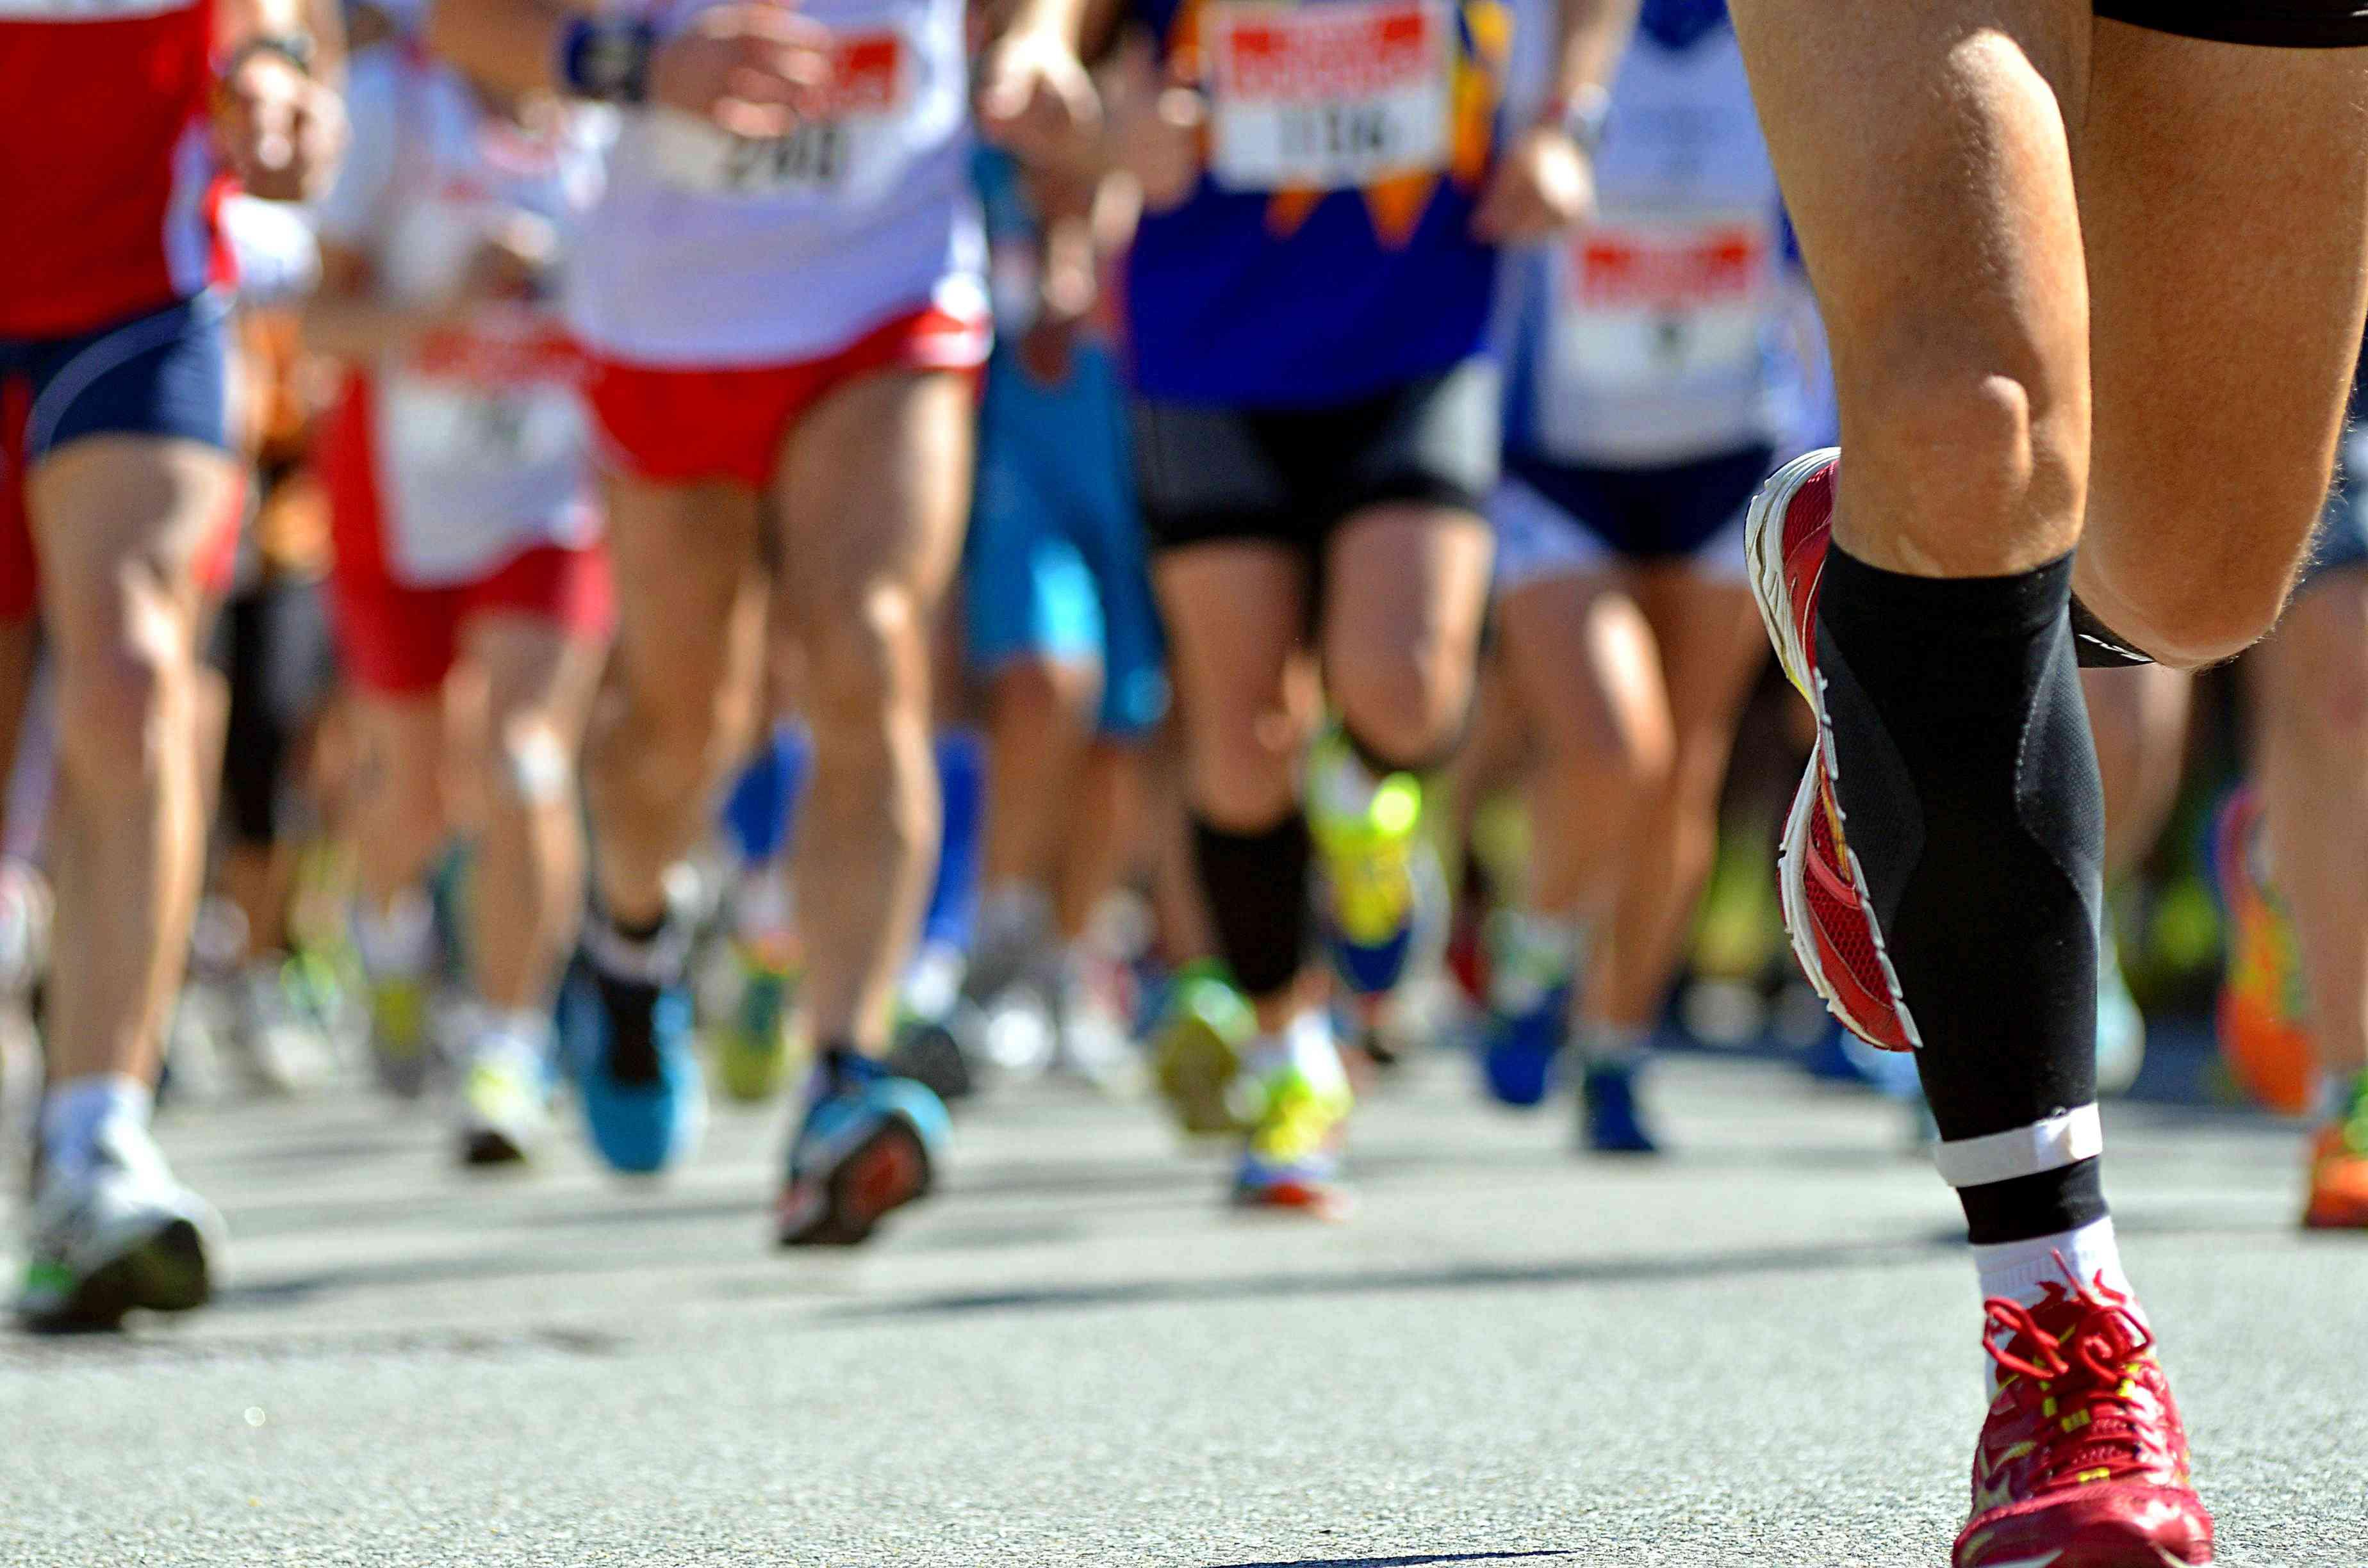 Bajo la sección de gente corriendo en la calle en maratón